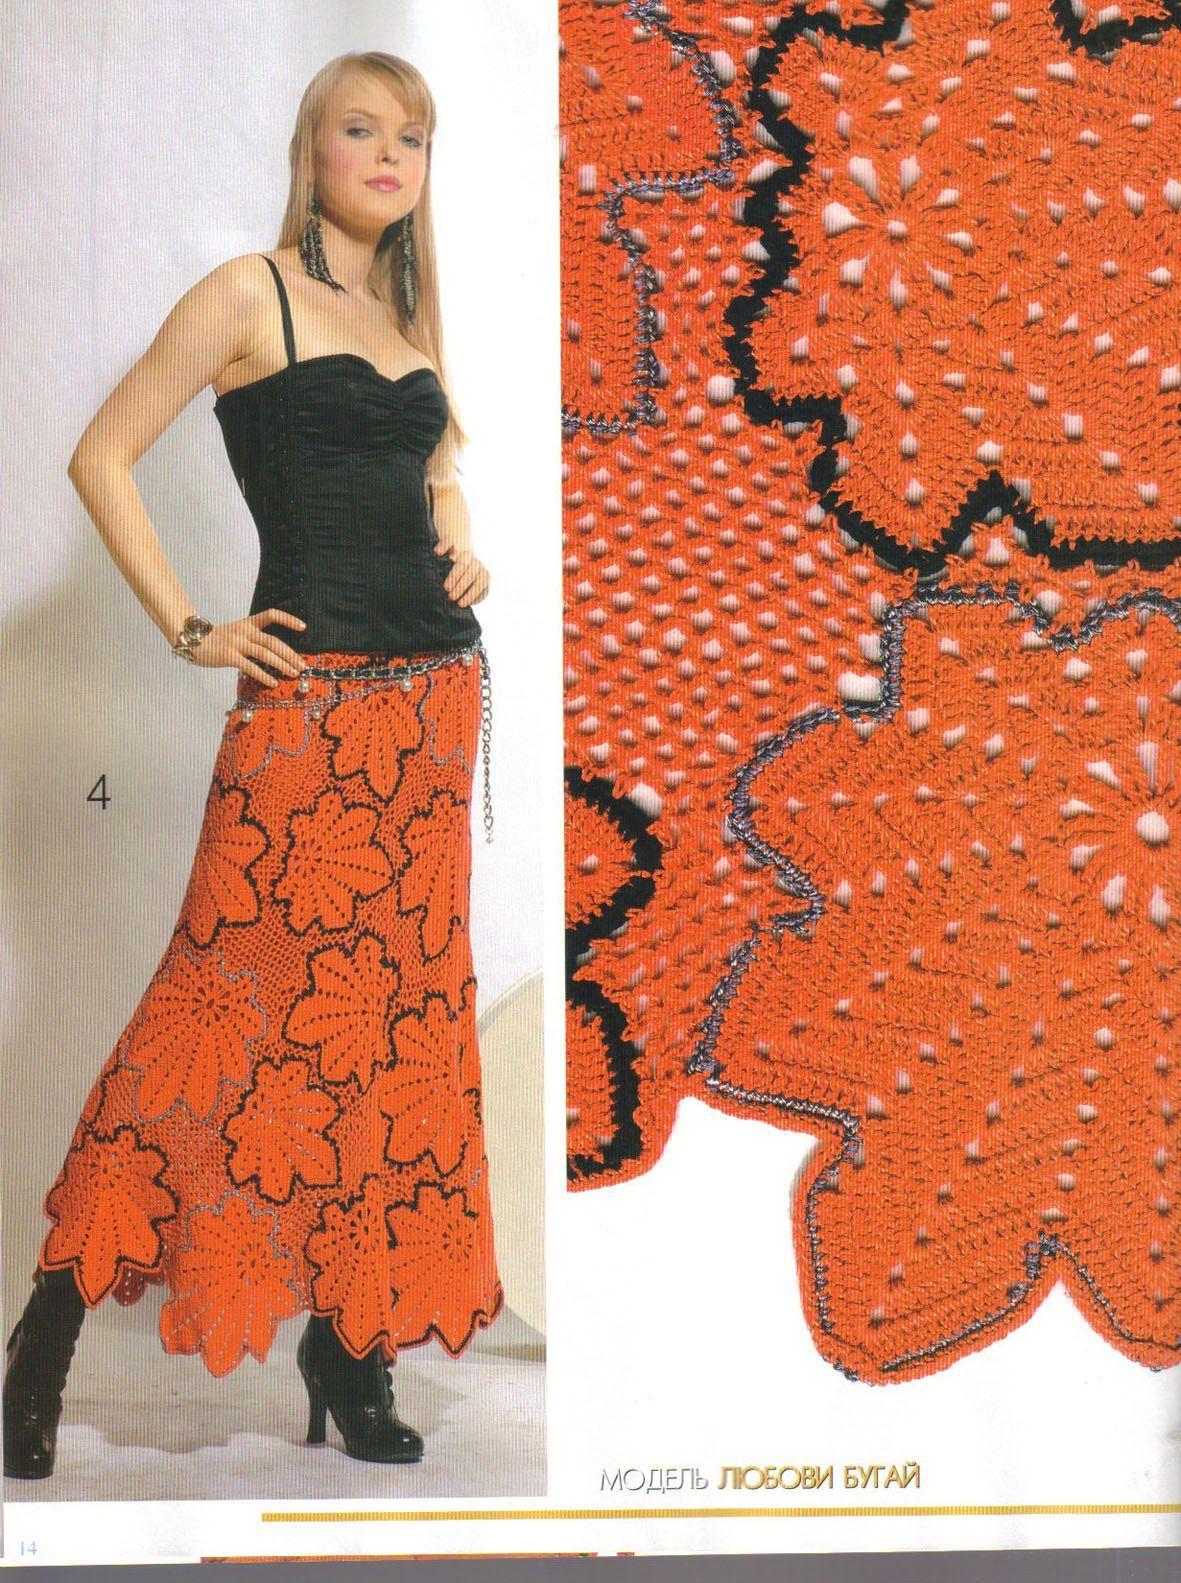 Вязание крючком юбки фото 4